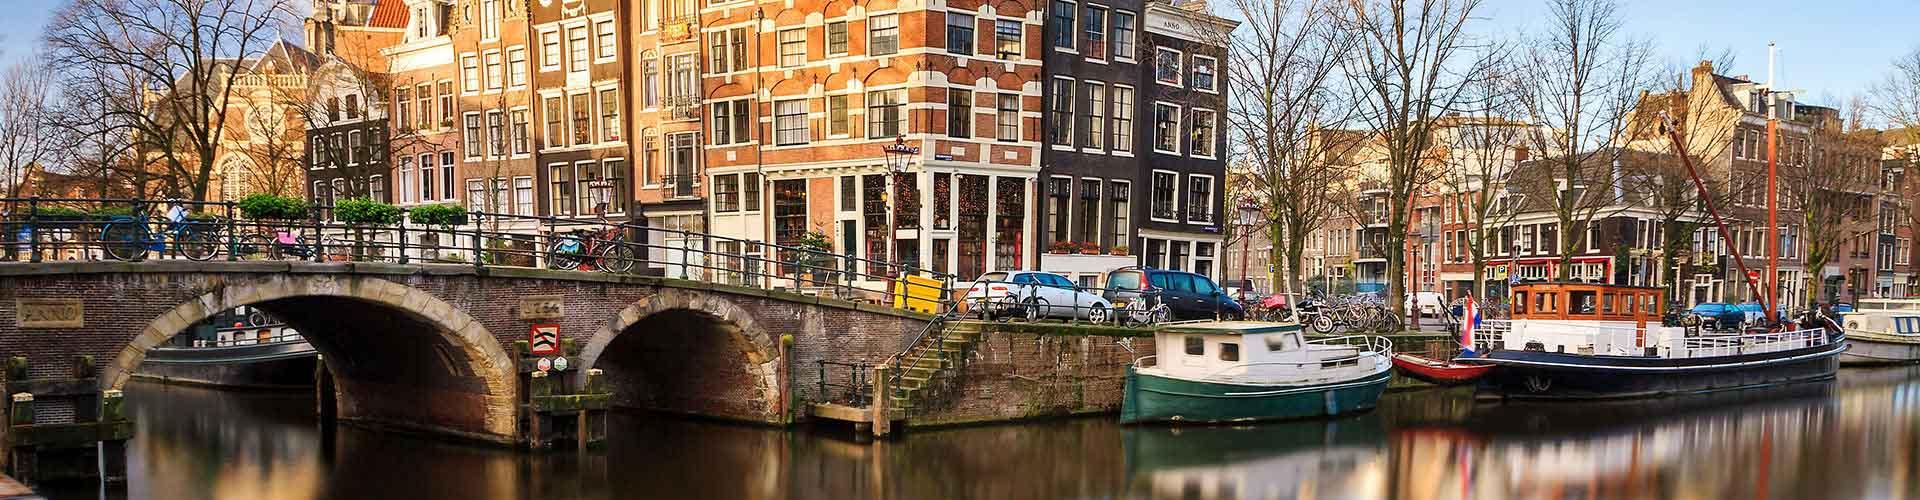 Amsterdam – Hostels in Amsterdam. Amsterdam auf der Karte. Fotos und Bewertungen für jedes Hostel in Amsterdam.